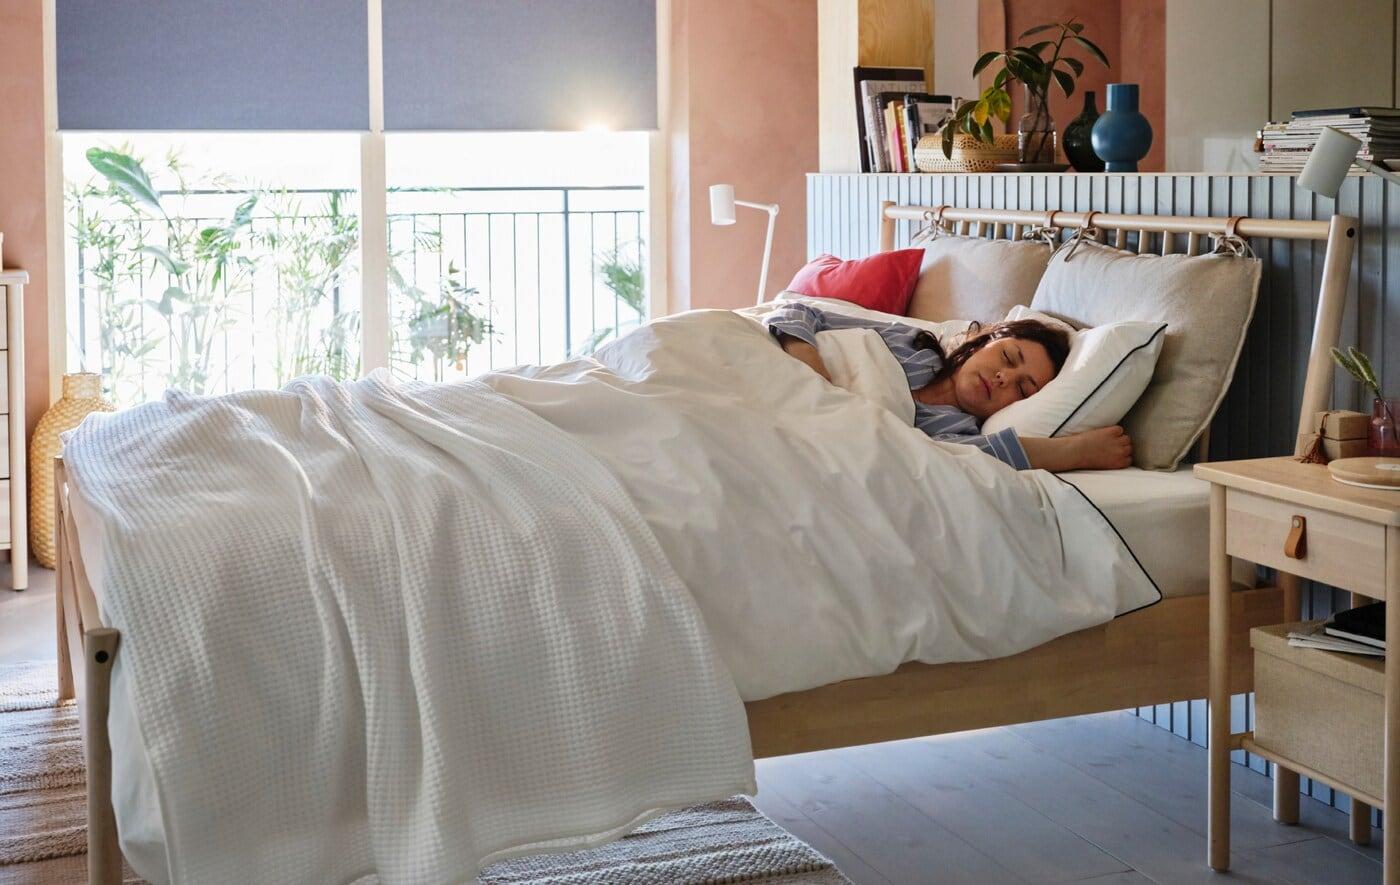 Žena spí v posteli BJÖRKSNÄS, oknem za postelí prosvítá sluneční světlo